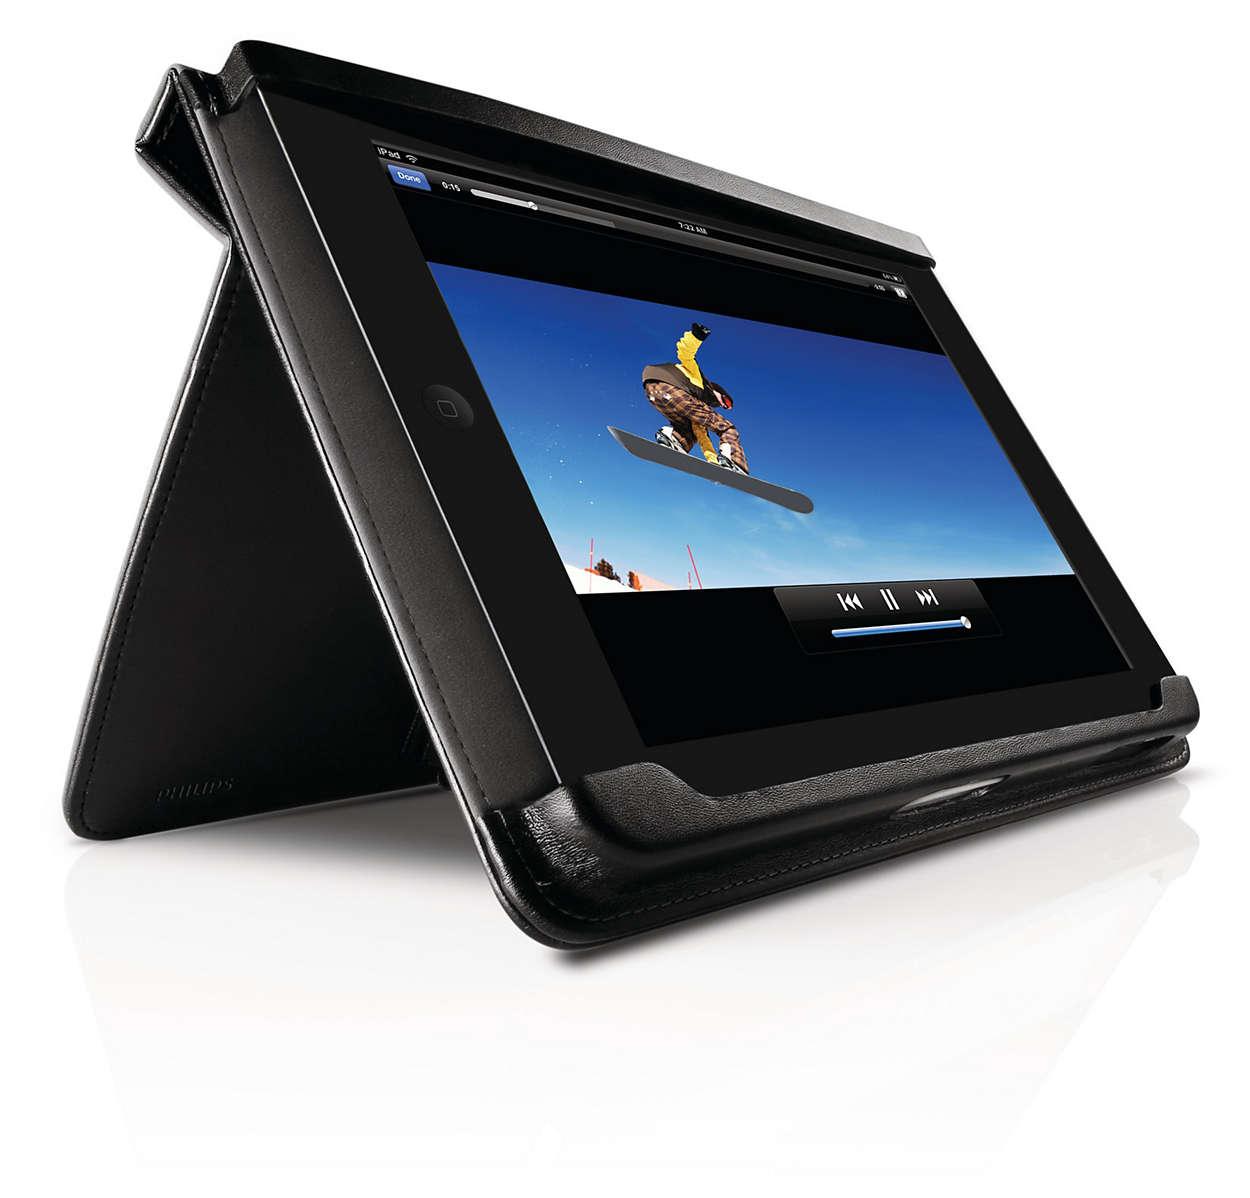 Transportez votre iPad en toute élégance